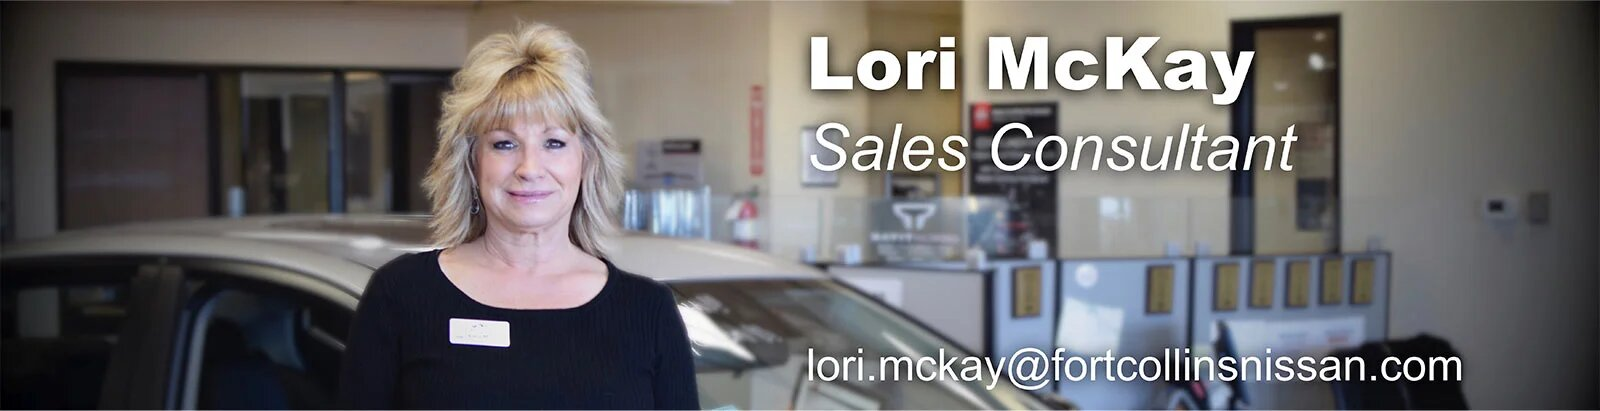 Sales Consultant Lori McKay